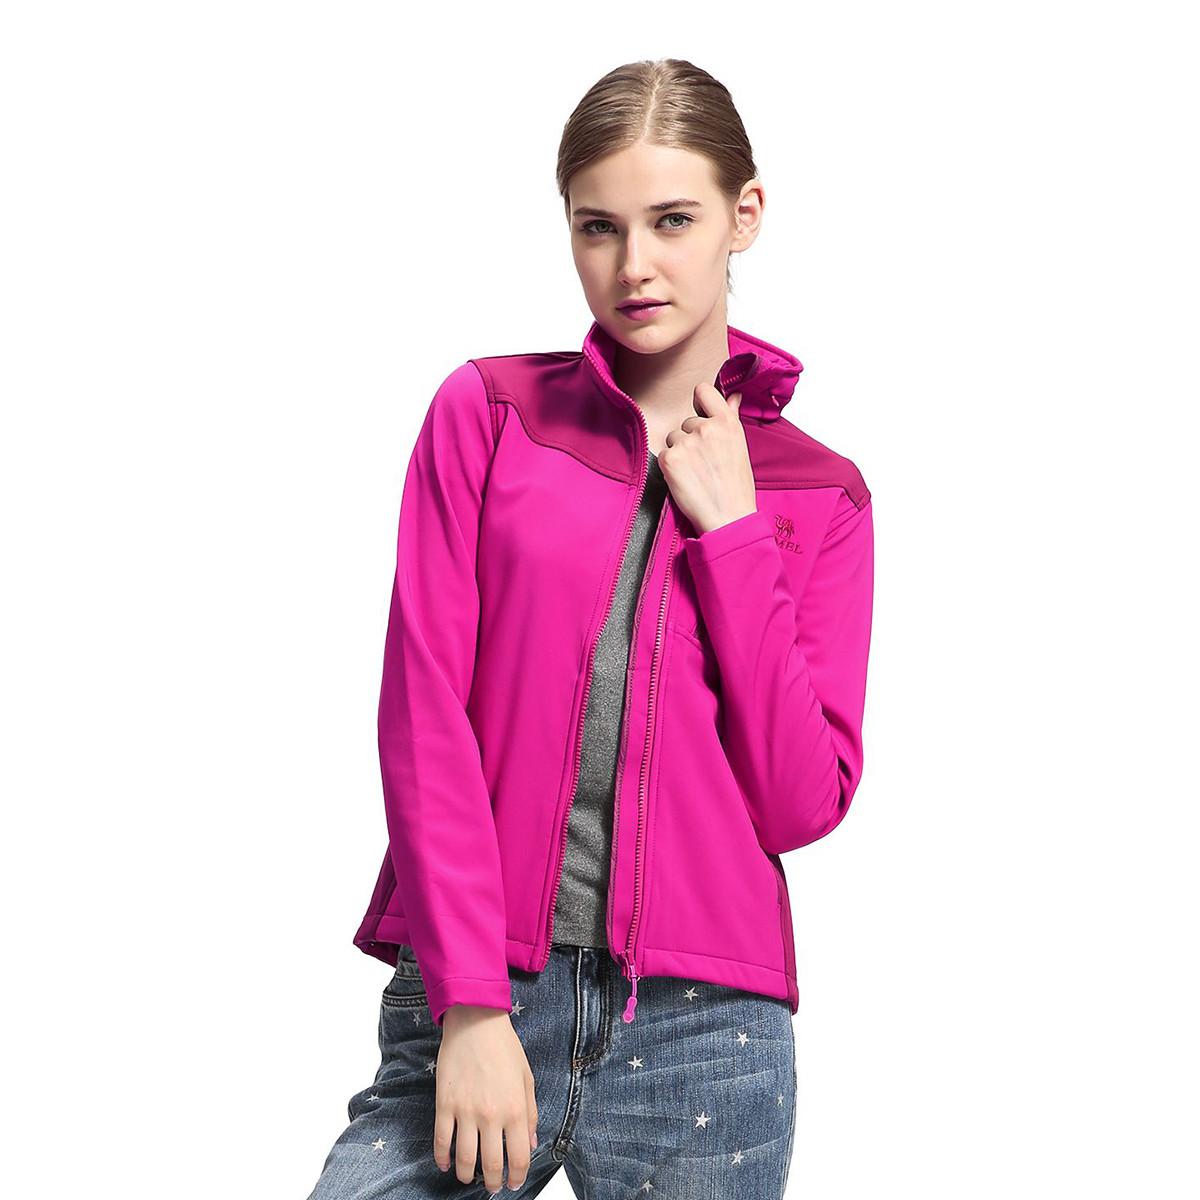 骆驼骆驼户外时尚女款软壳衣外套女 开衫外套 女装户外运动服03A6W0149125900